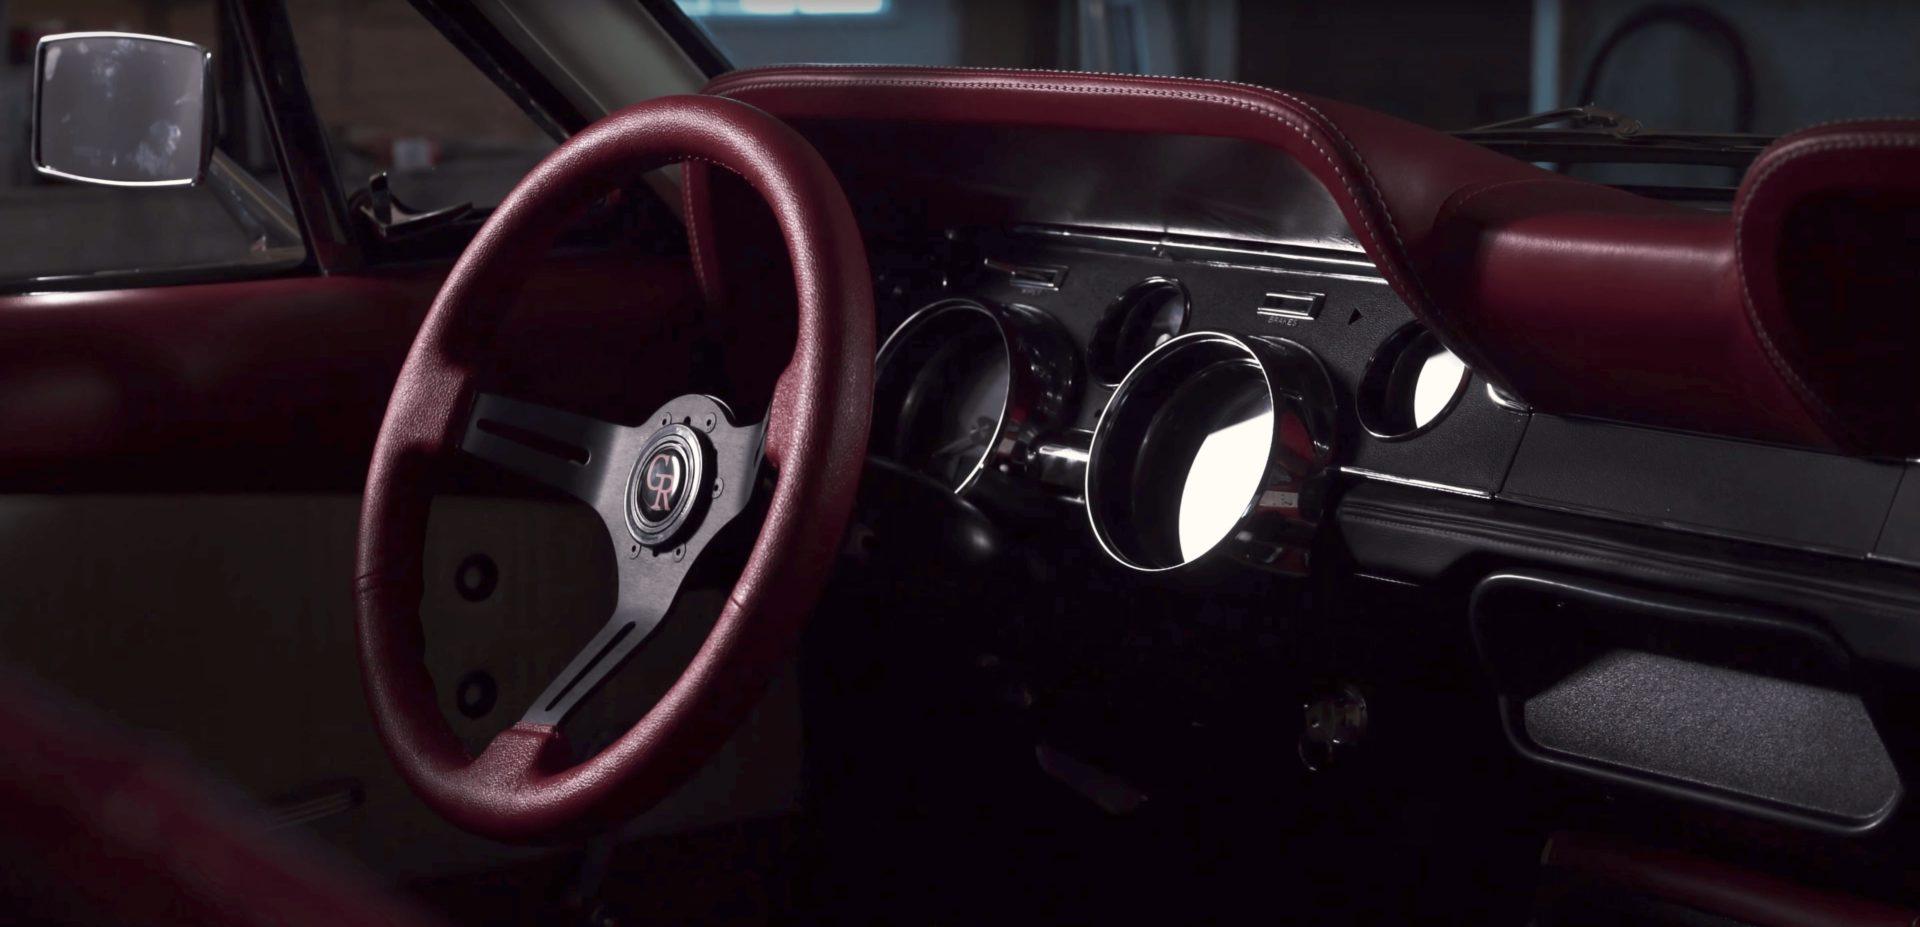 grip royal steering wheel mustang